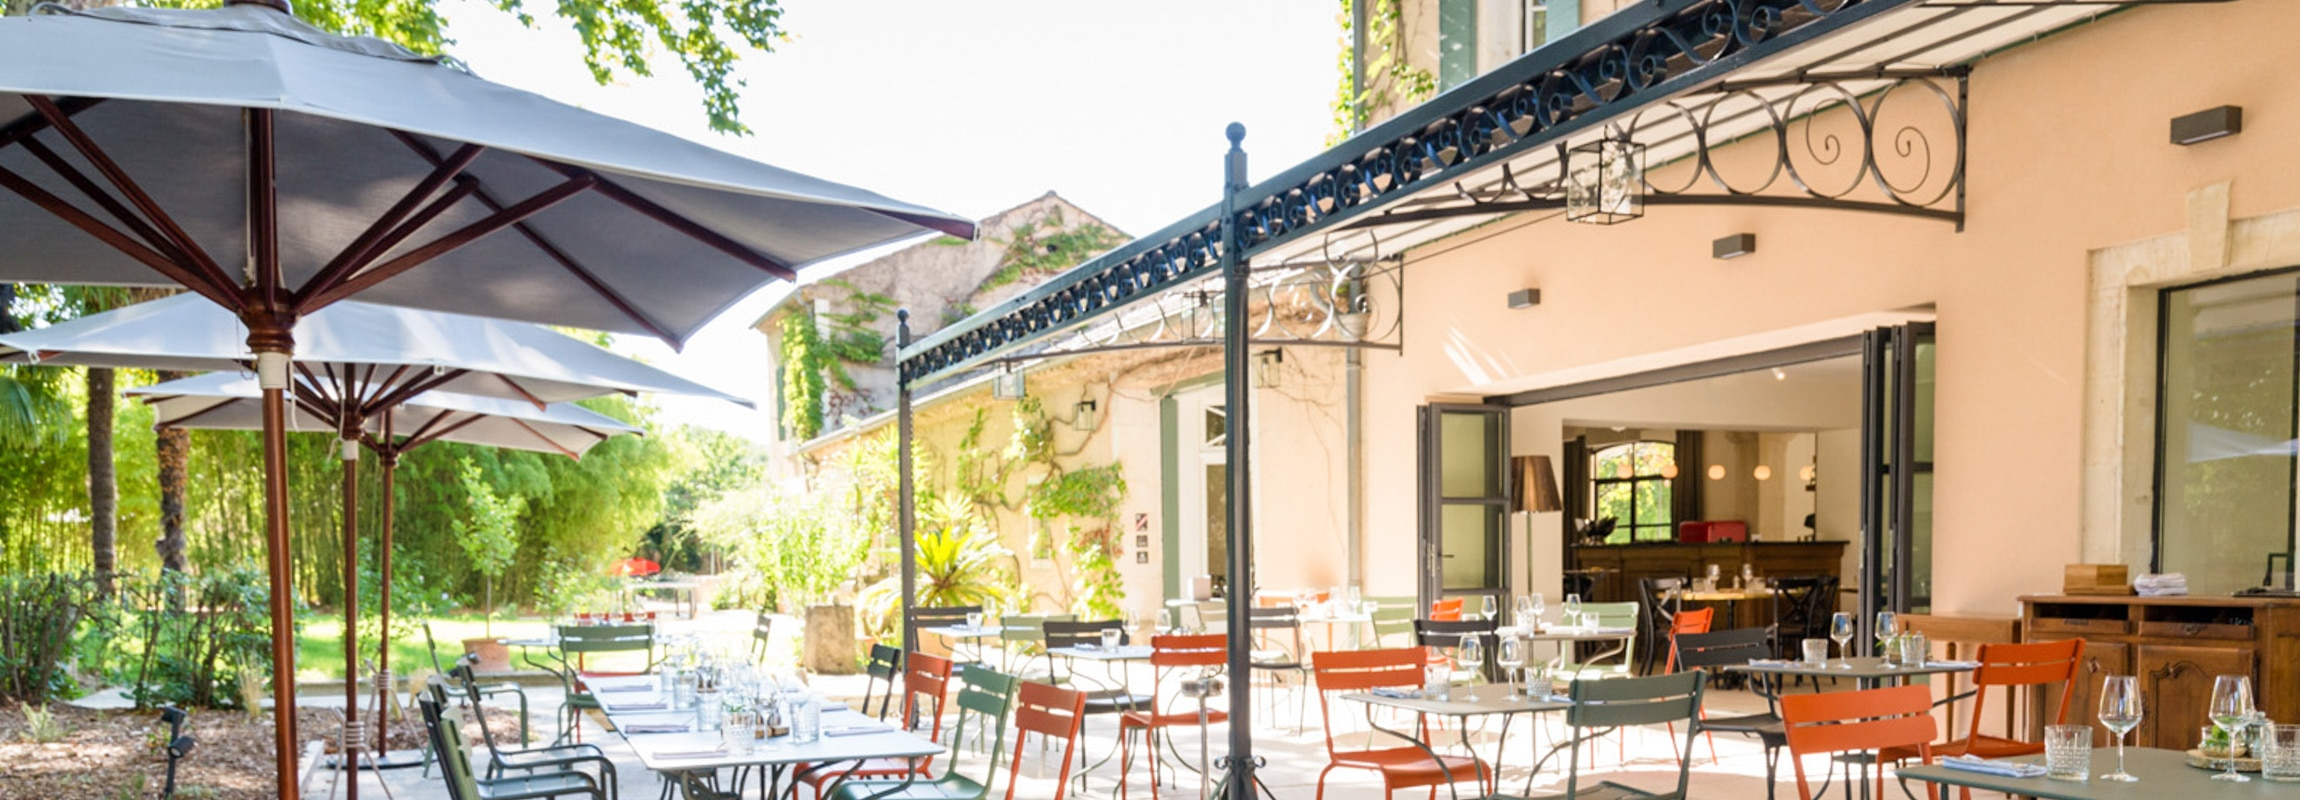 Le Bistro de Montcaud (Hôtel Château de Montcaud, Provence, Sud de la France) dispose d'un magnifique espace extérieur avec vue sur le parc.